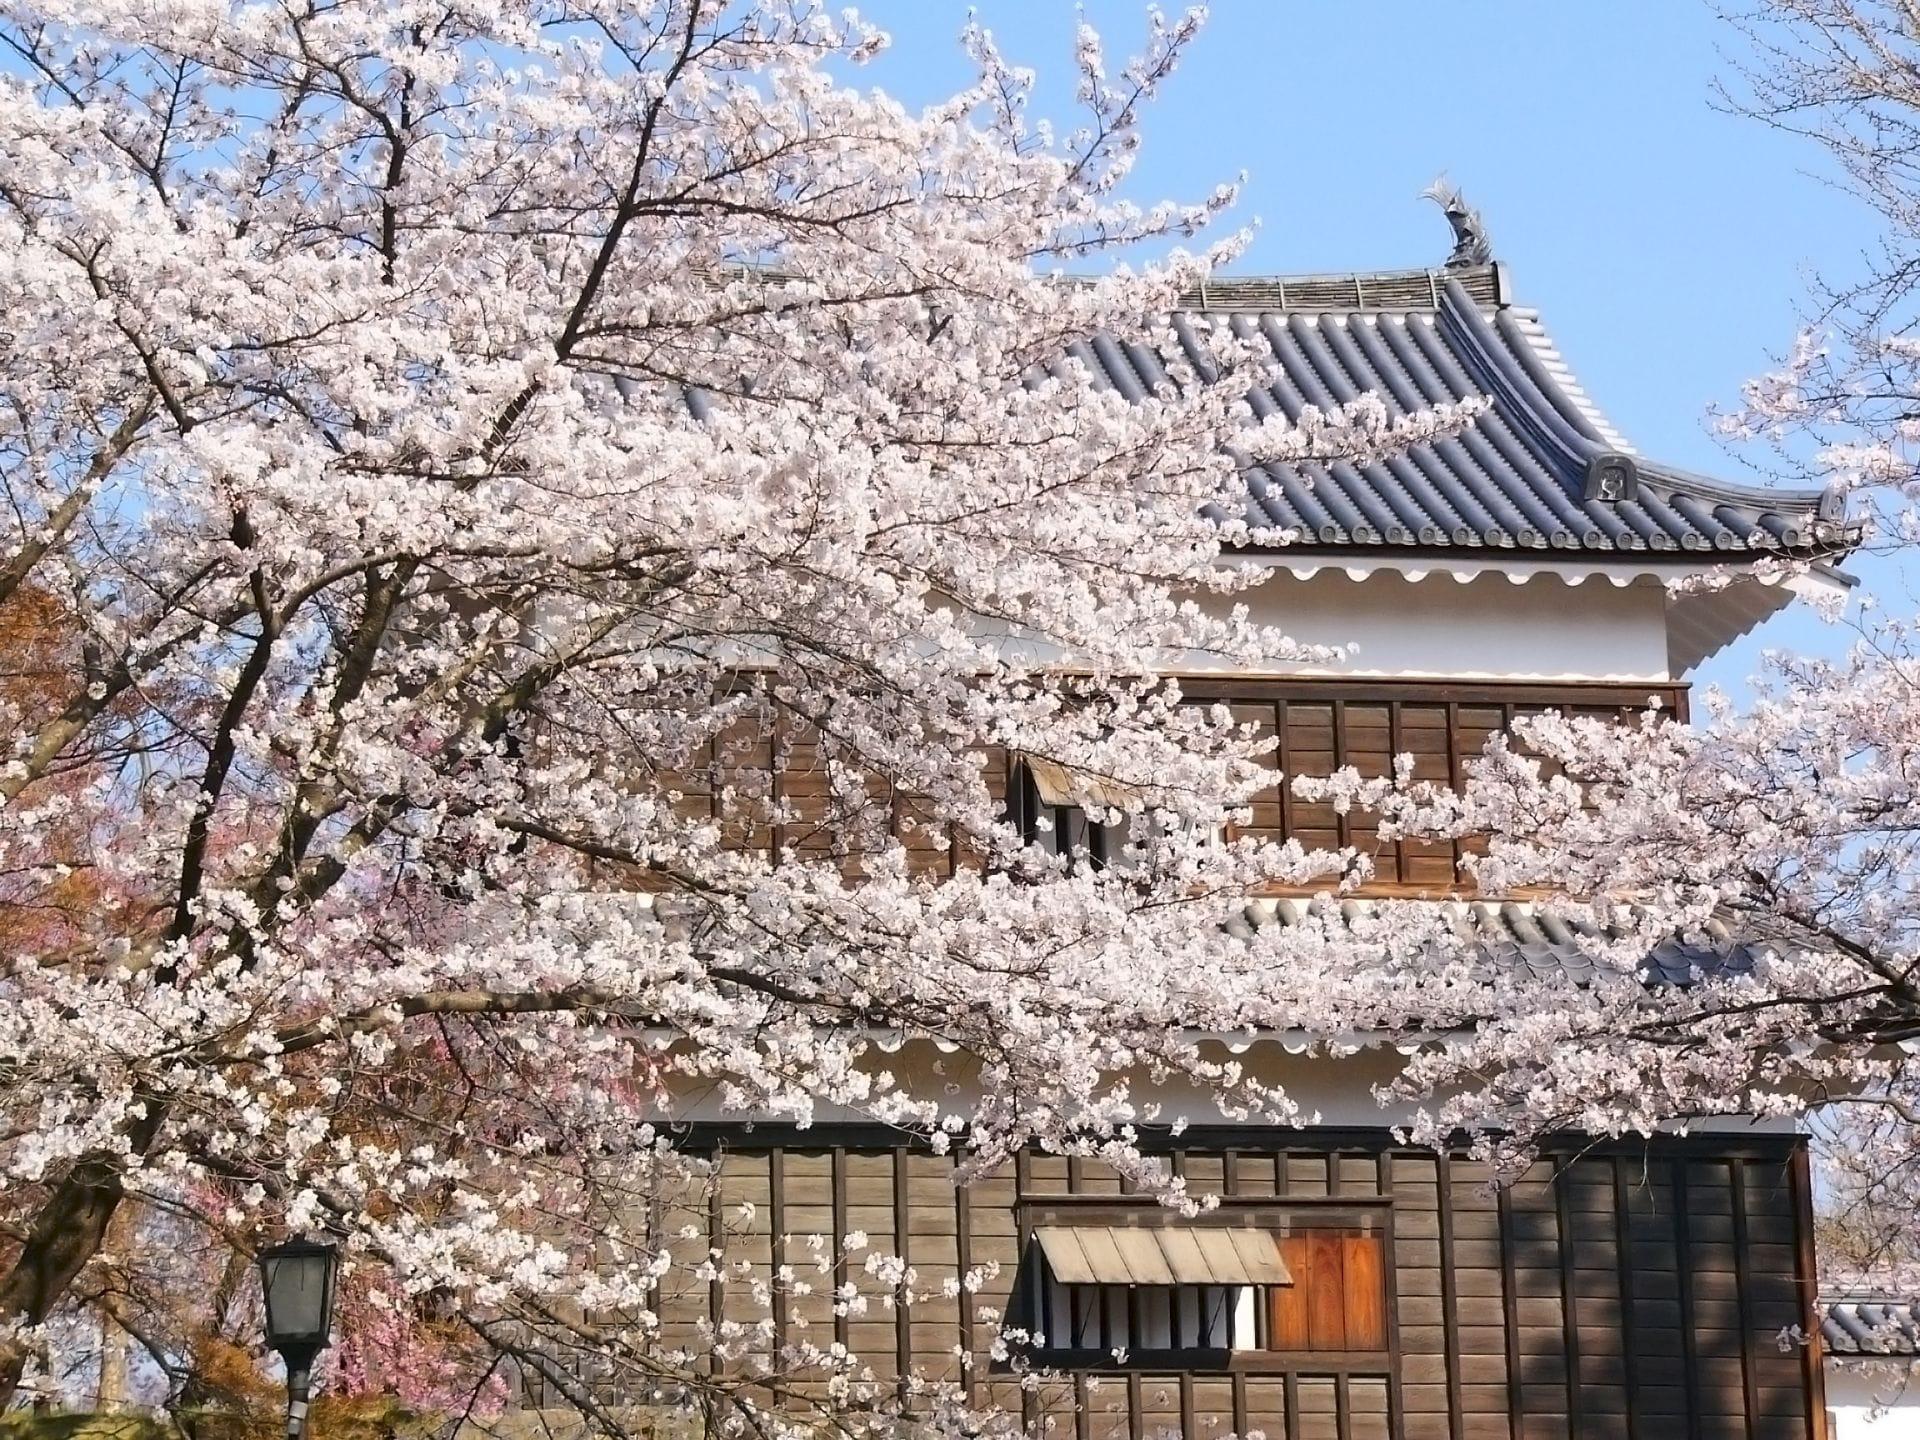 上田城跡公園千本櫻祭